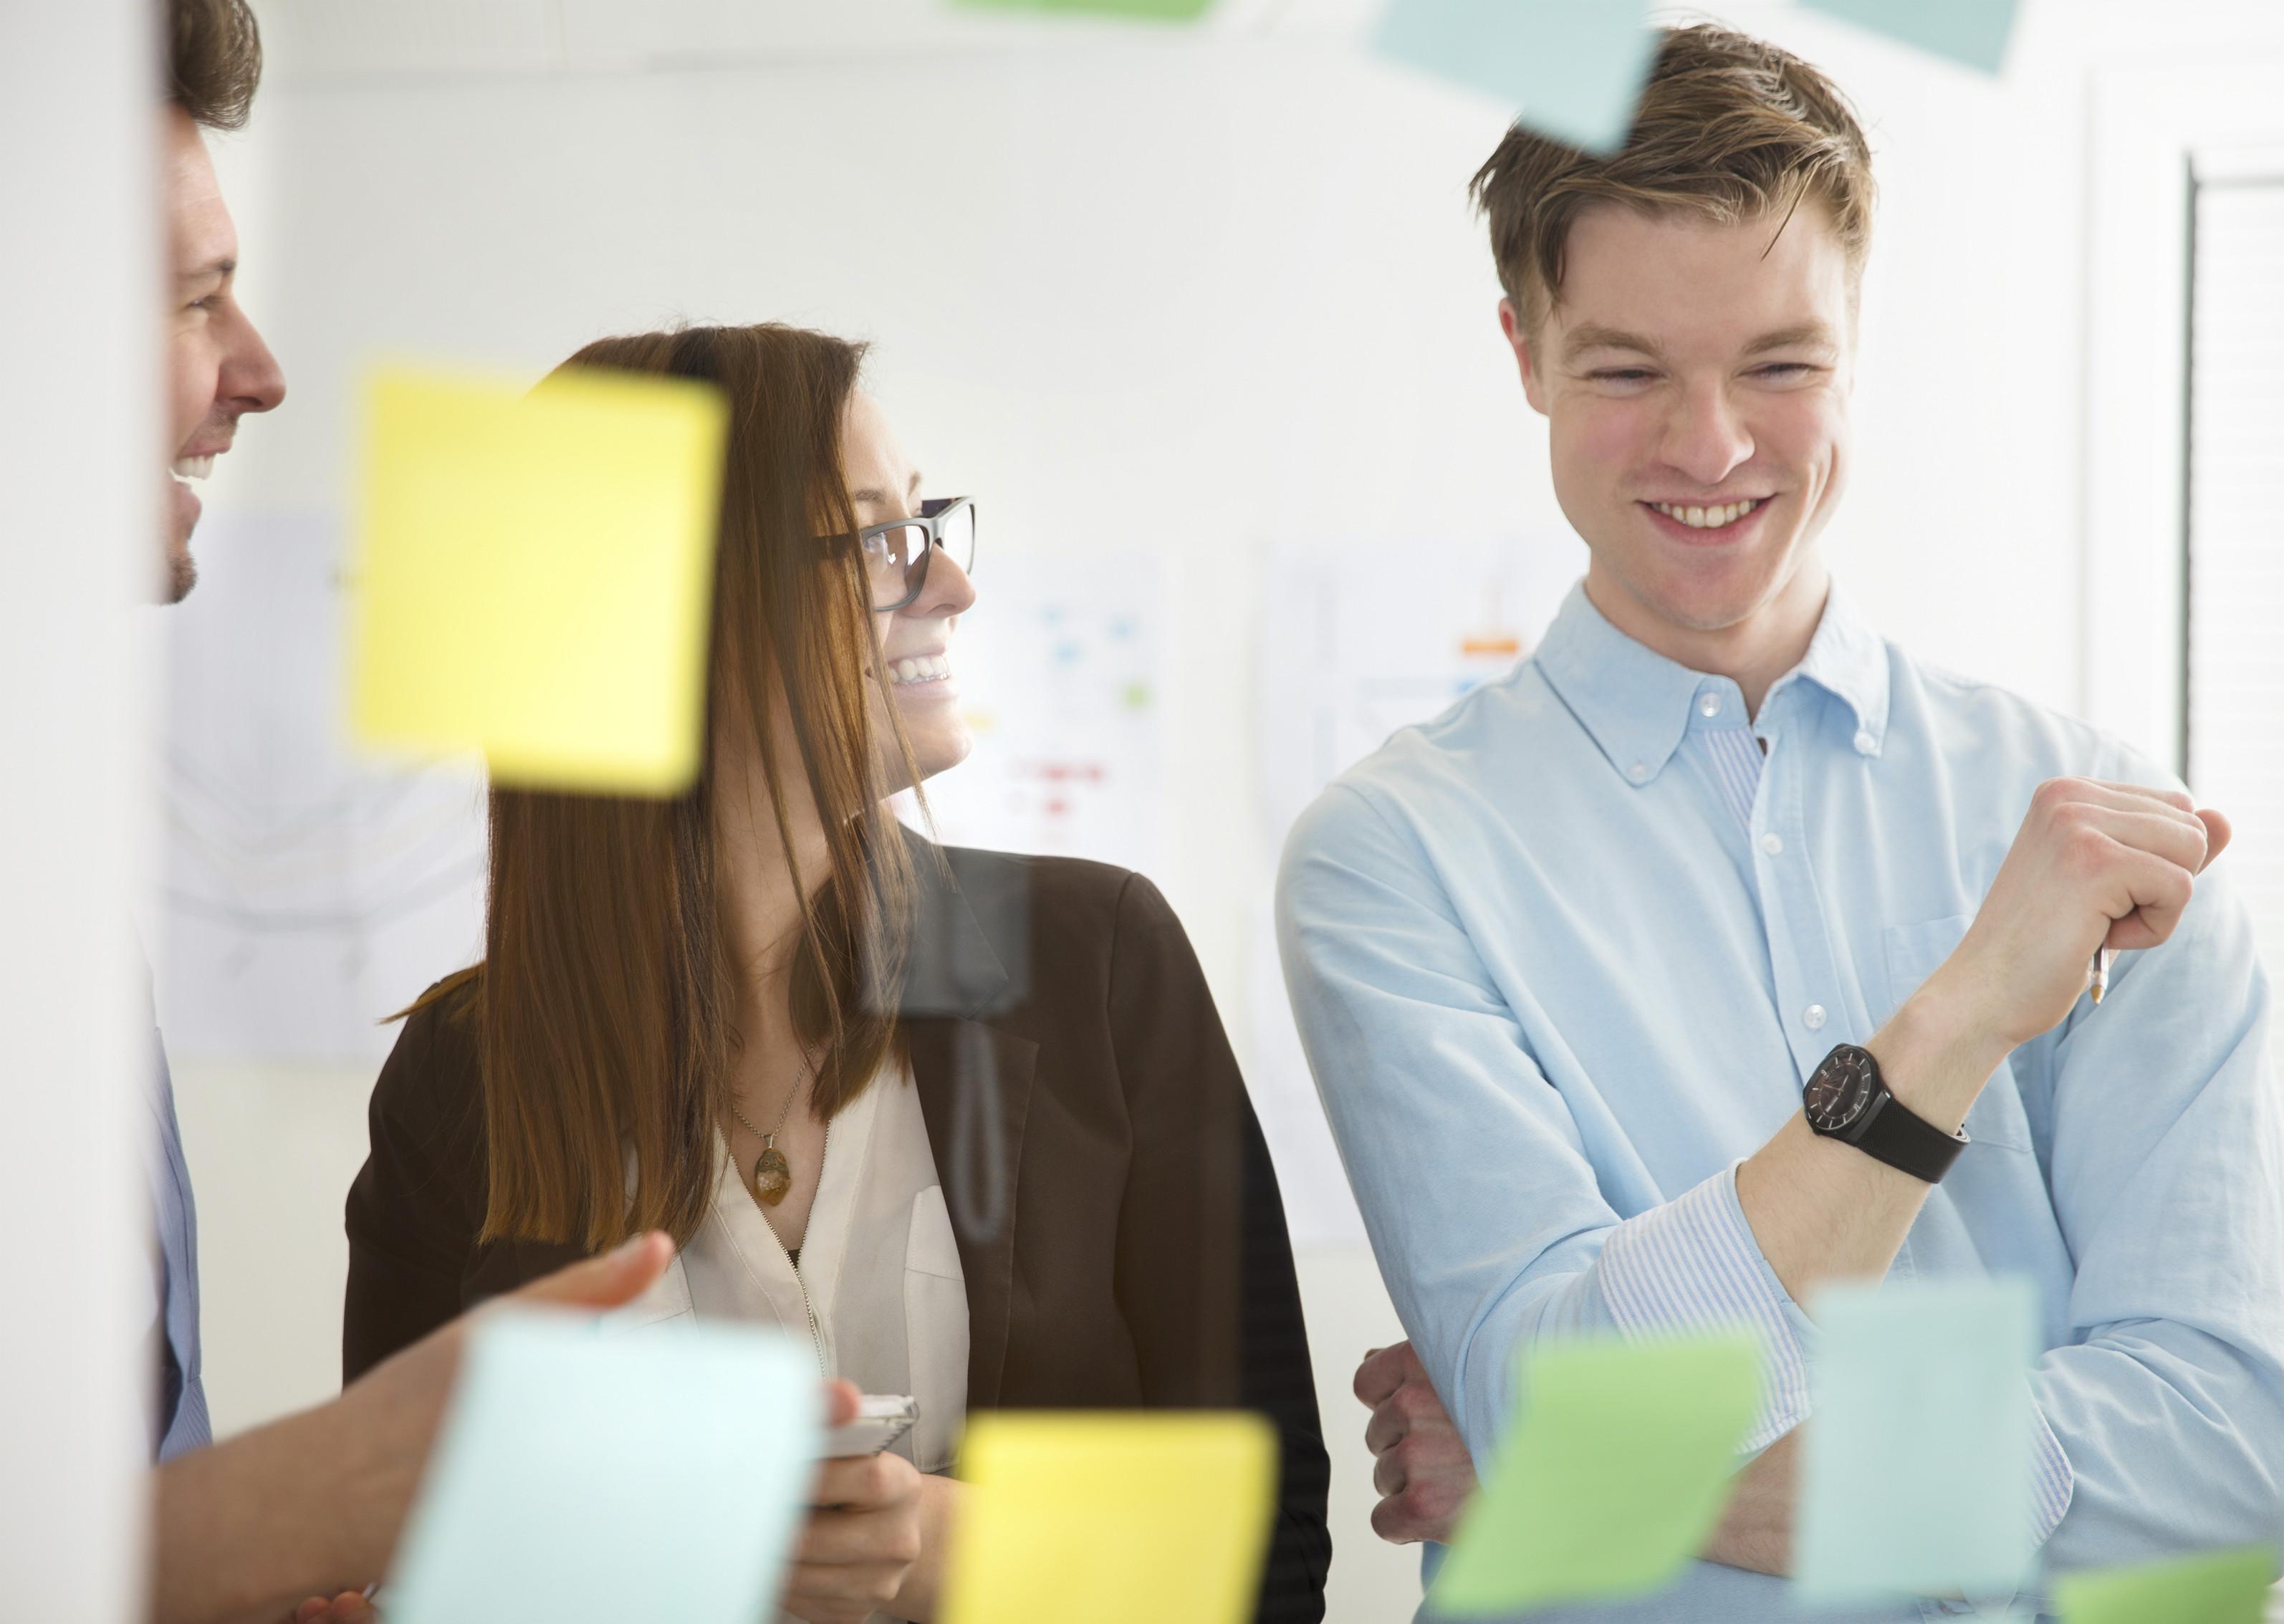 profesionalizate-como-emprendedor-pymes